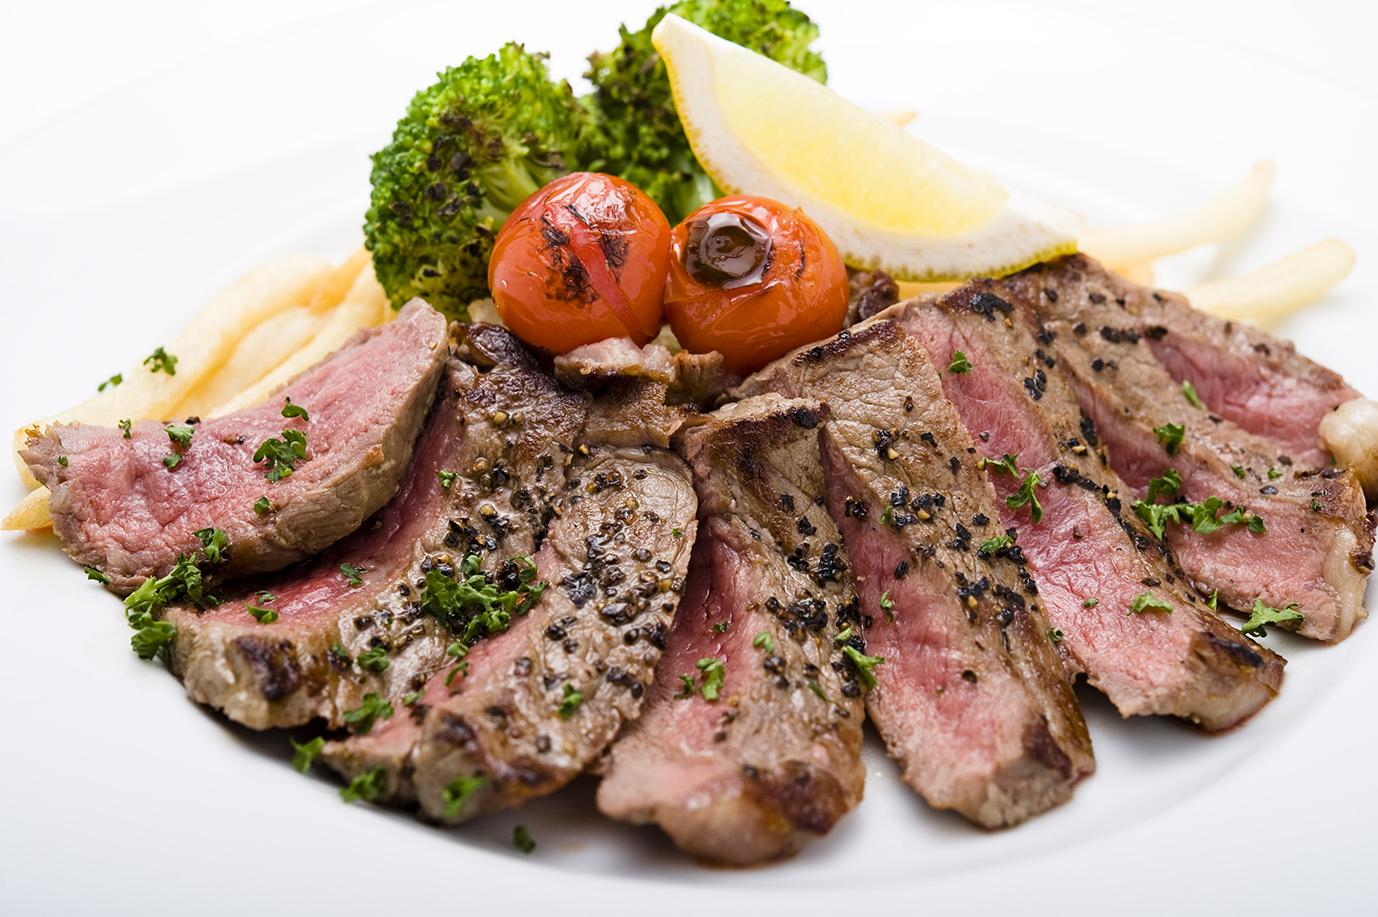 エイジングビーフ☆サーロインステーキ Aged Beef Sirloin Steak(200g)